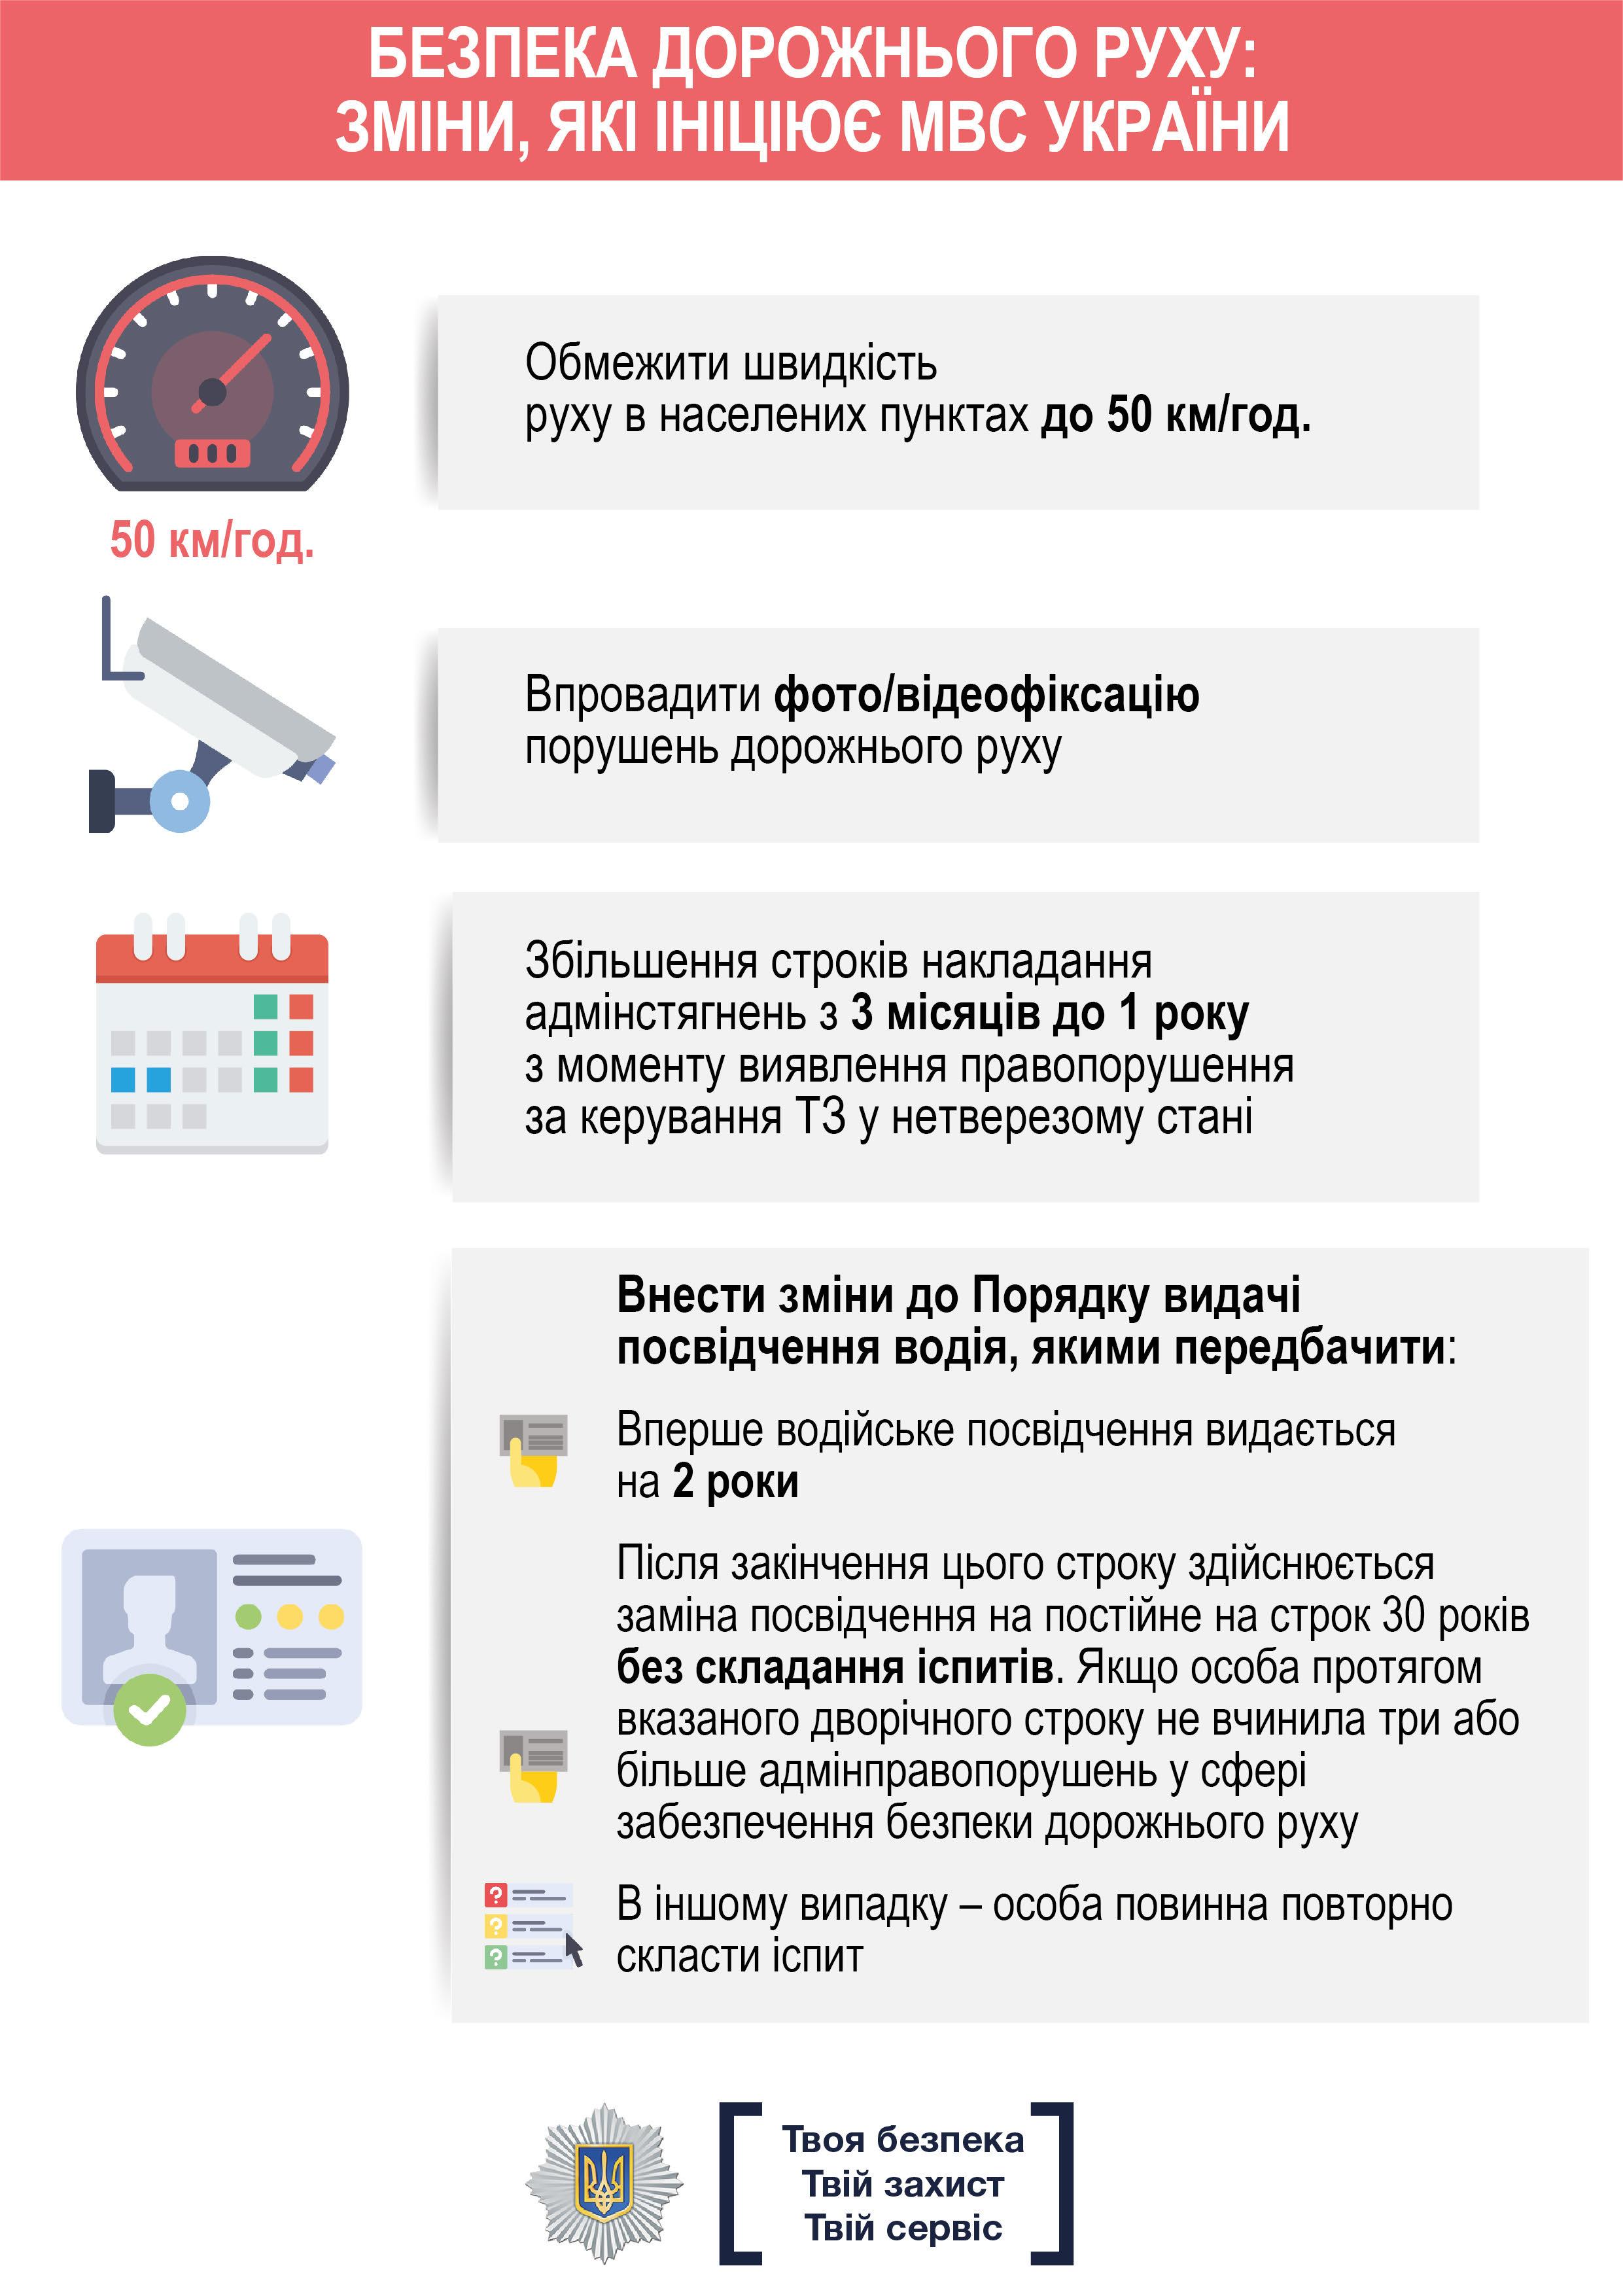 Арсен Аваков: Ми посилюємо покарання за порушення правил дорожнього руху (інфографіка)